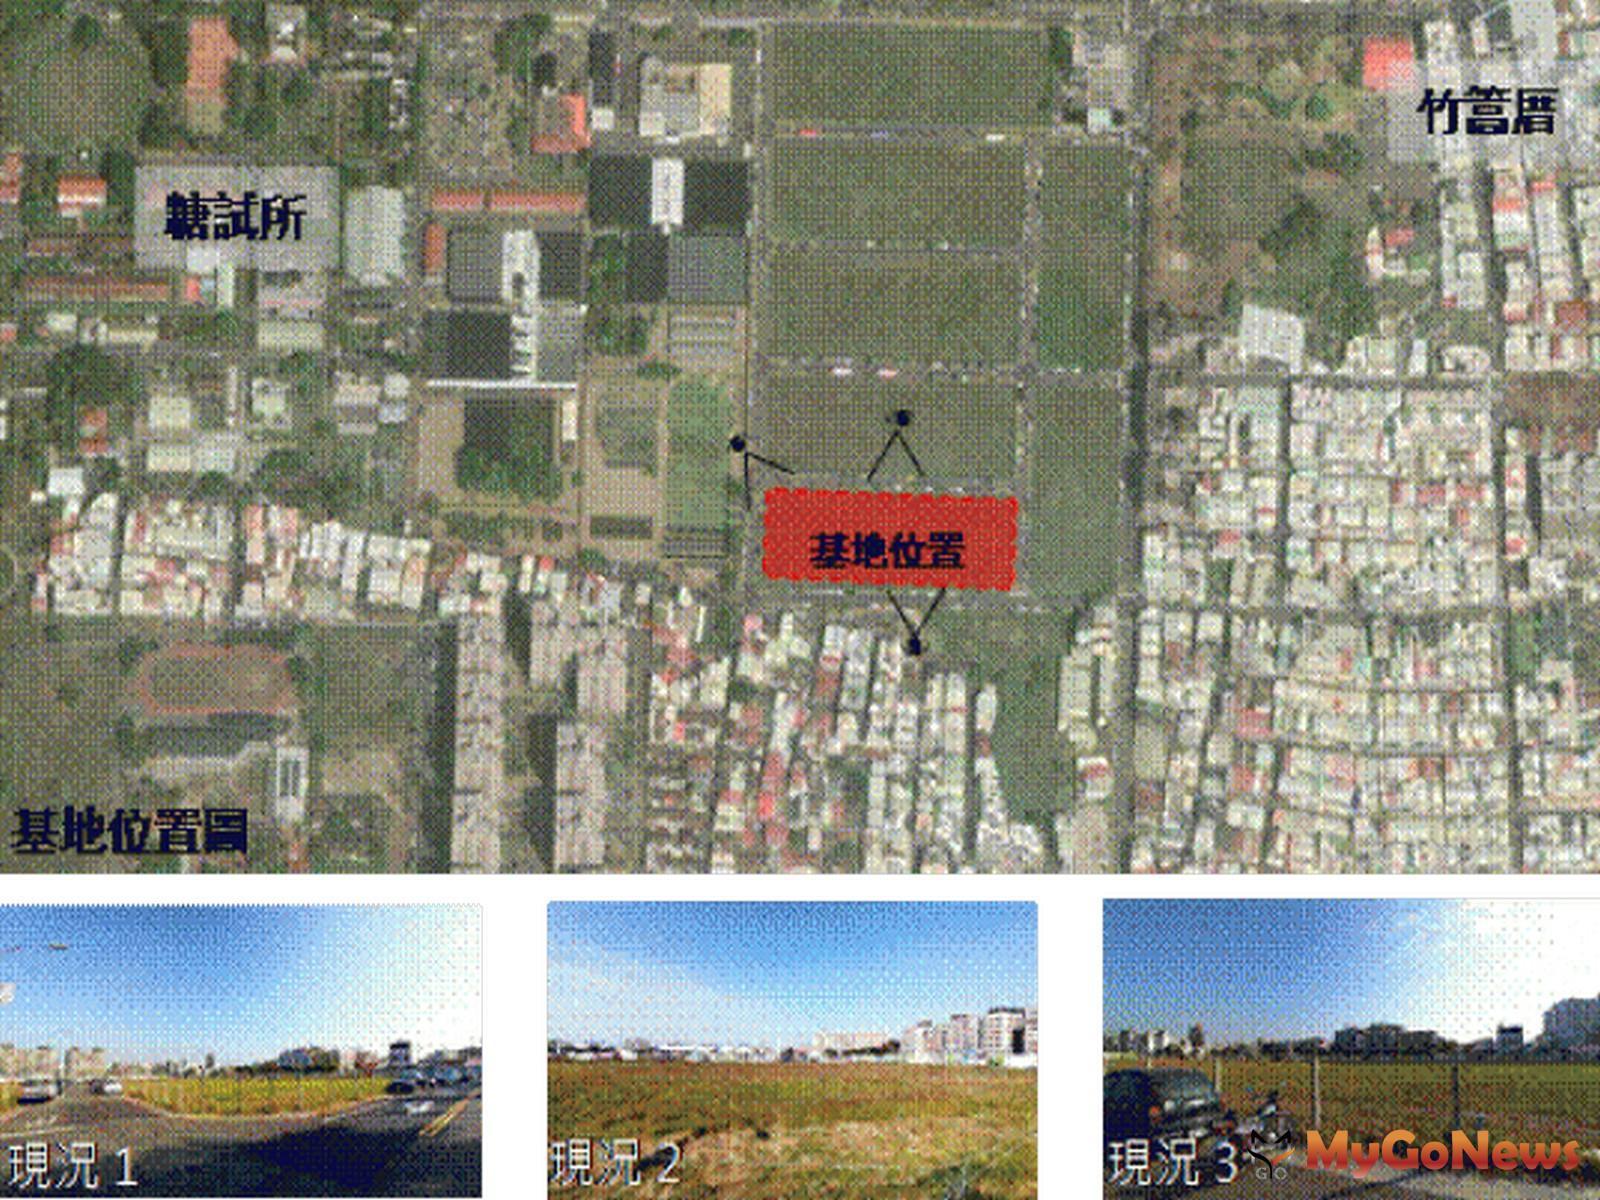 台南市東區新都心社會住宅建618戶,2025年完工(圖/營建署) MyGoNews房地產新聞 區域情報